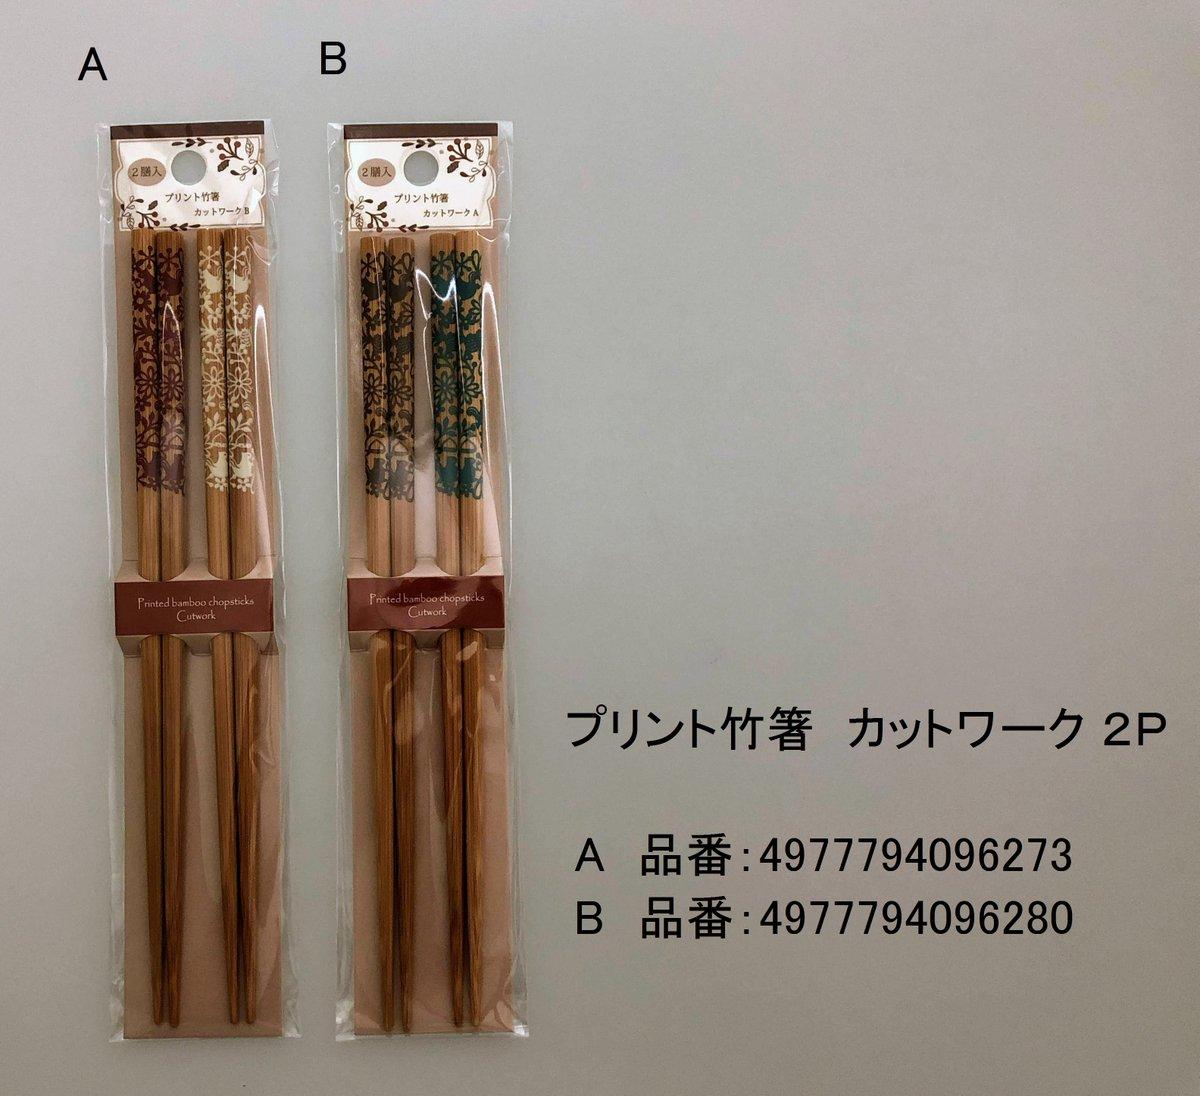 test ツイッターメディア - レース模様のようなプリントがかわいい、おしゃれな竹製カトラリー。 ほっこり気分を味わえます♪  #キャンドゥ #100均 #竹 #スプーン #箸 #ティースプーン #サーバースプーン #カトラリー #カットワーク #食欲の秋 https://t.co/Z5tzIOM7RI